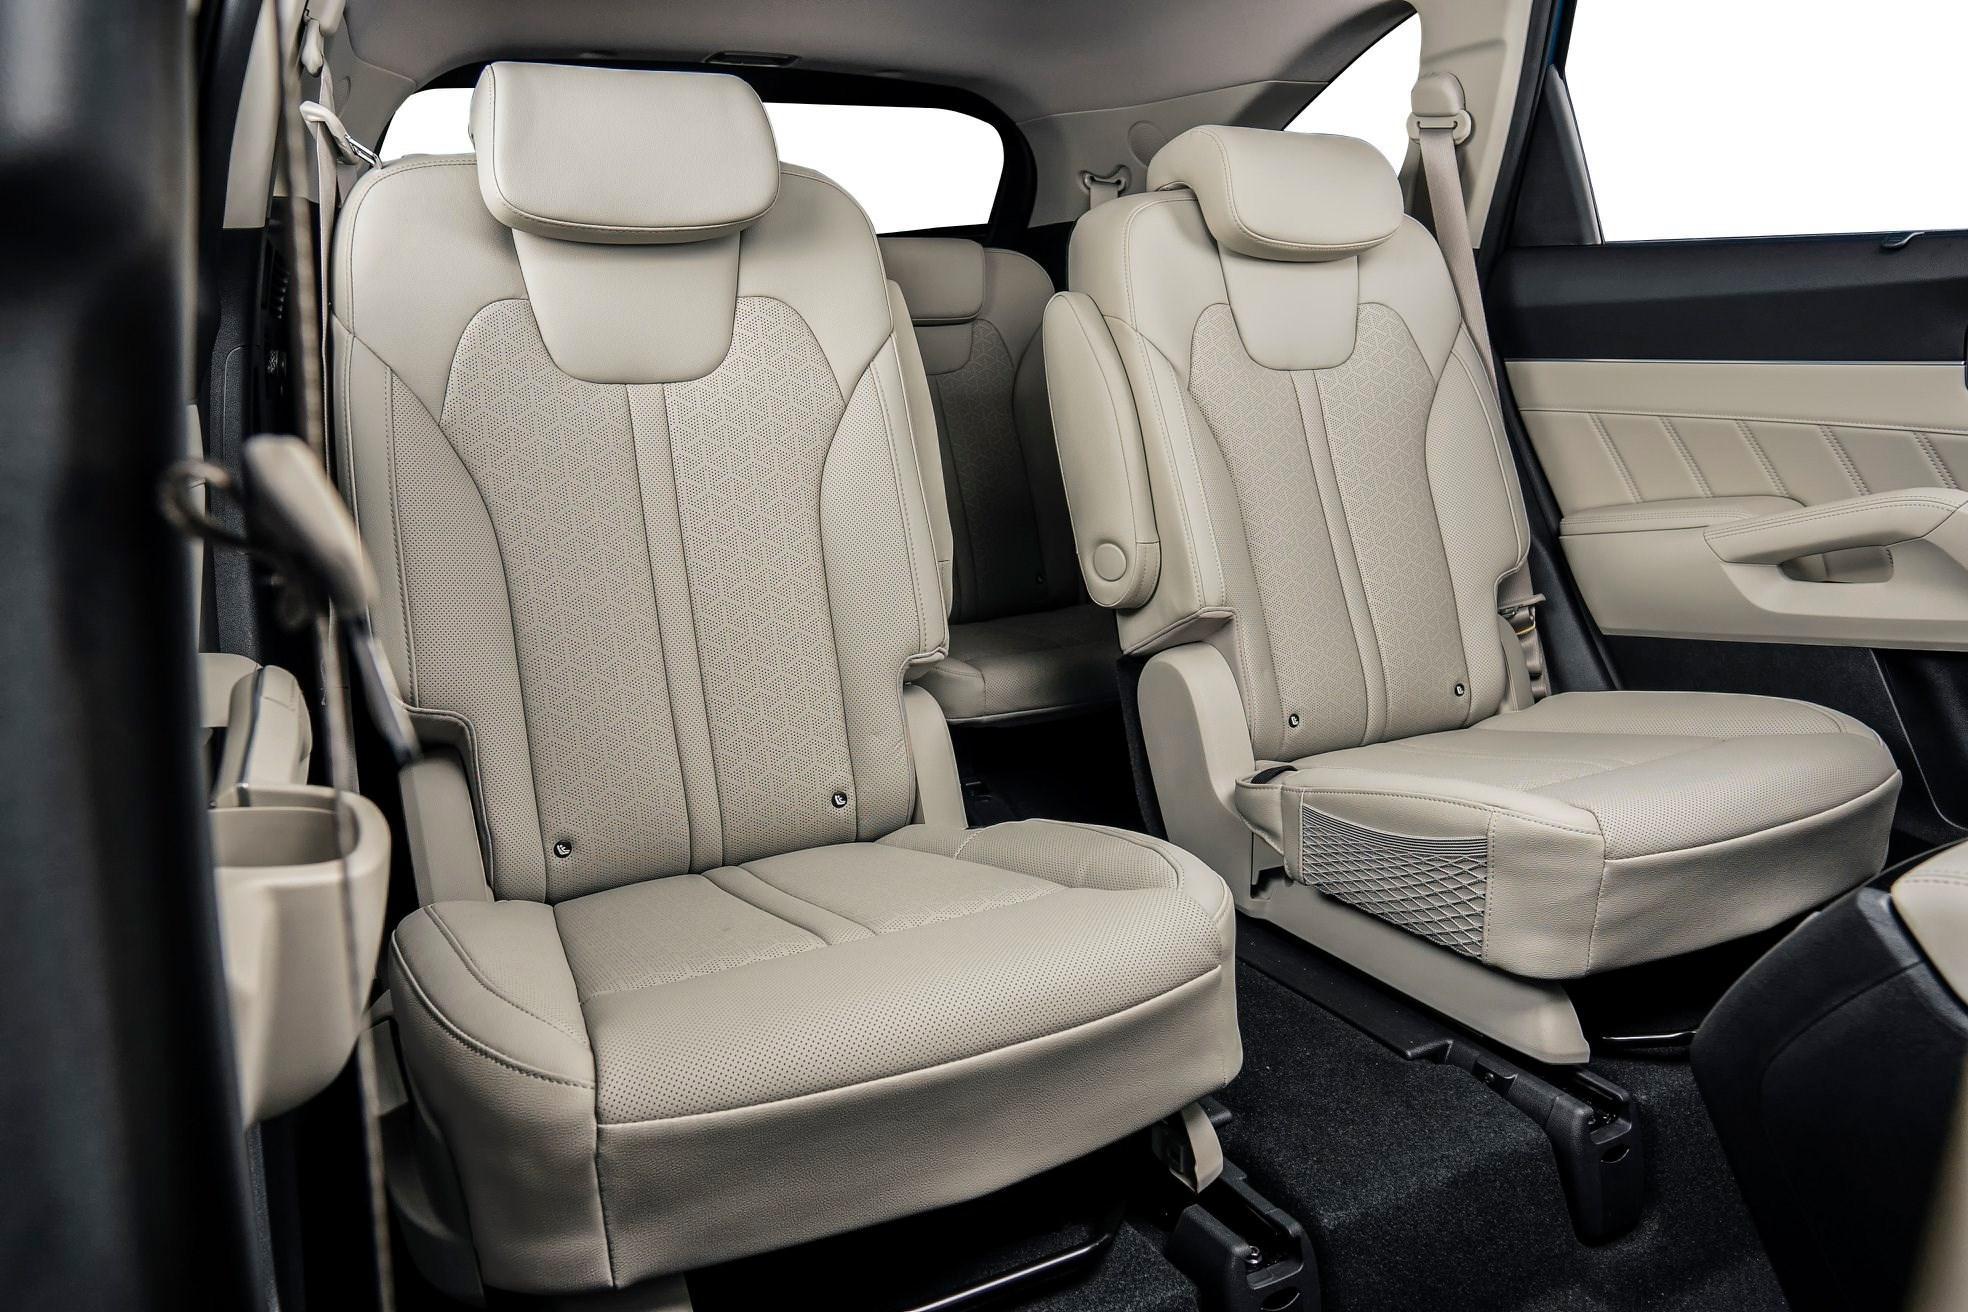 KIA SORENTO 2021 có lựa chọn 6 và 7 ghế đối với phiên bản cao nhất là Signature